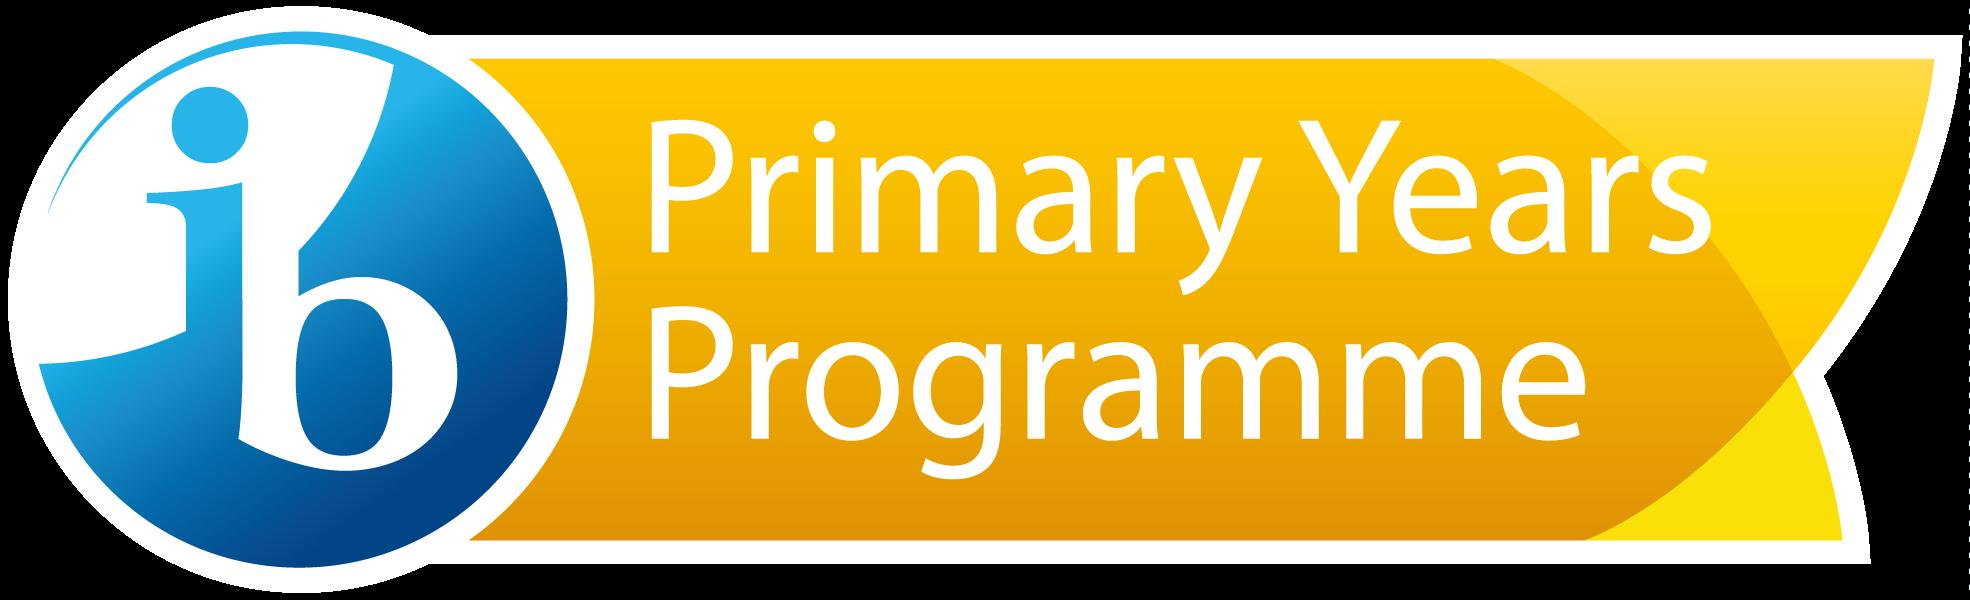 pyp-programme-logo-en